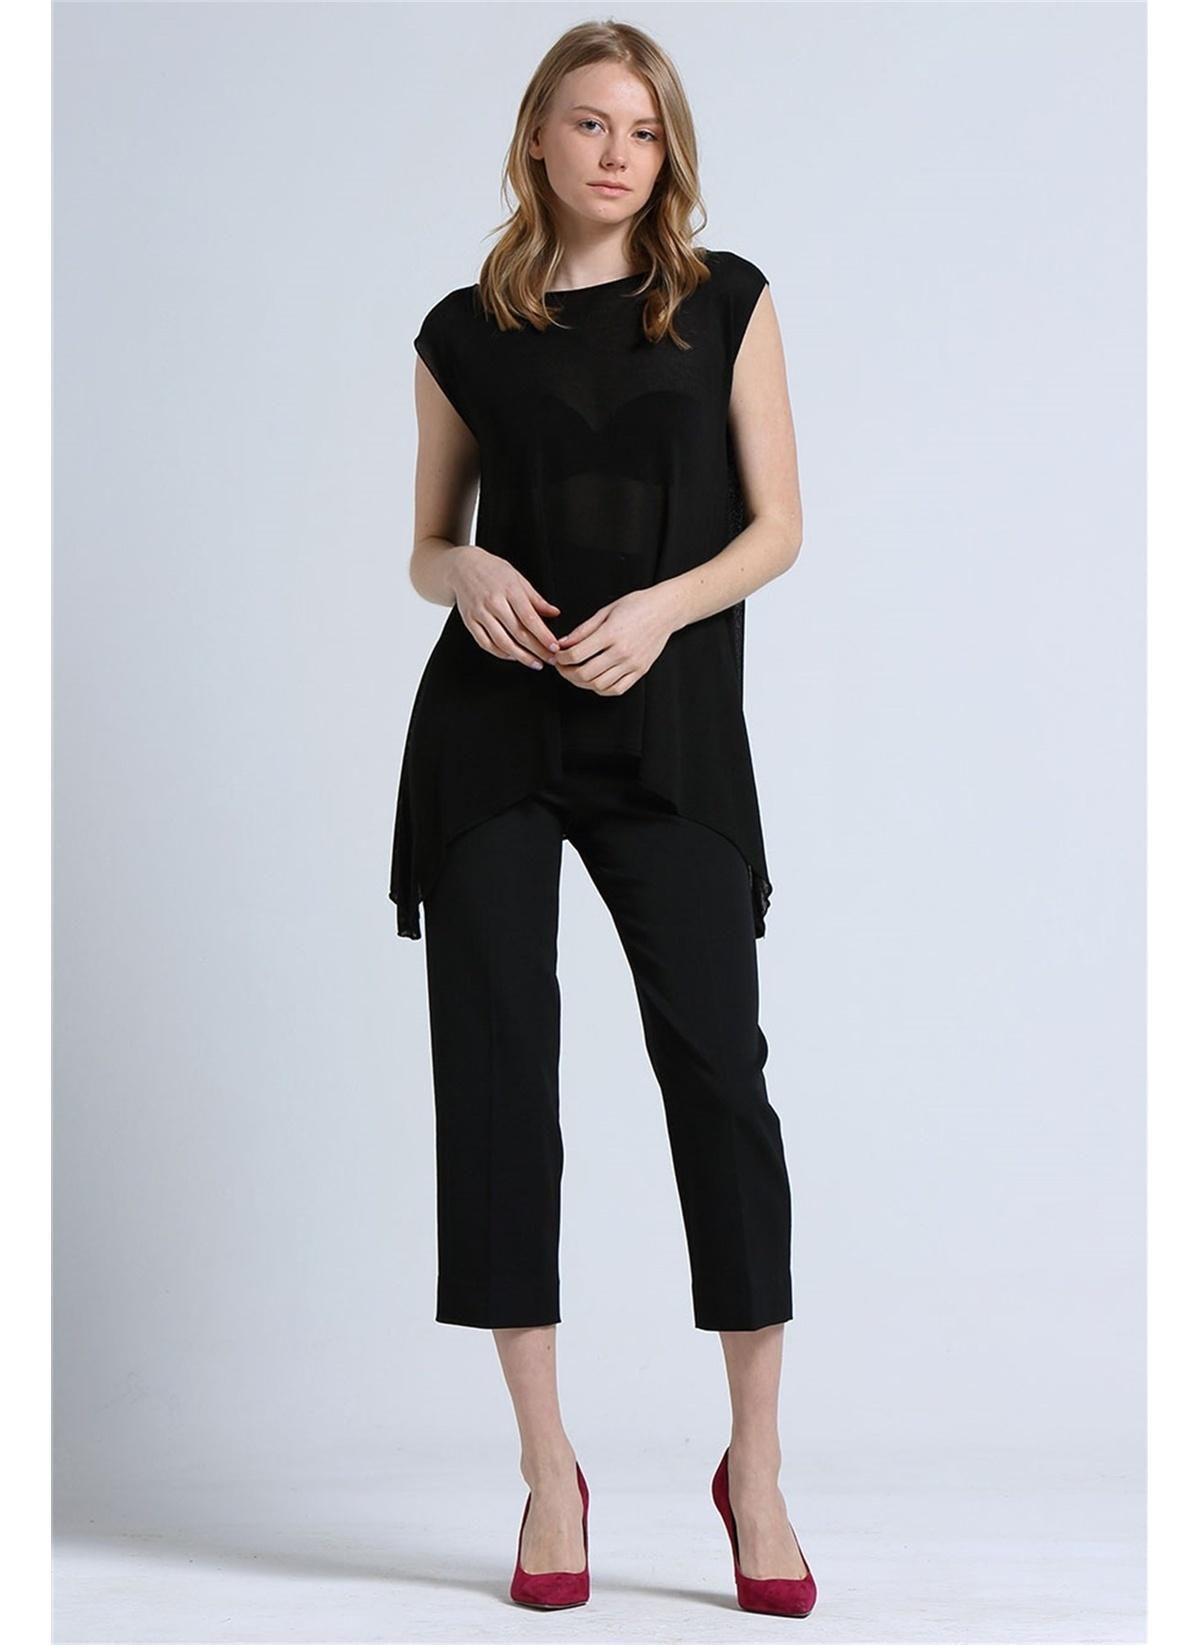 Love'n Fashion Paris Bluz 10770045 Bluz – 99.0 TL